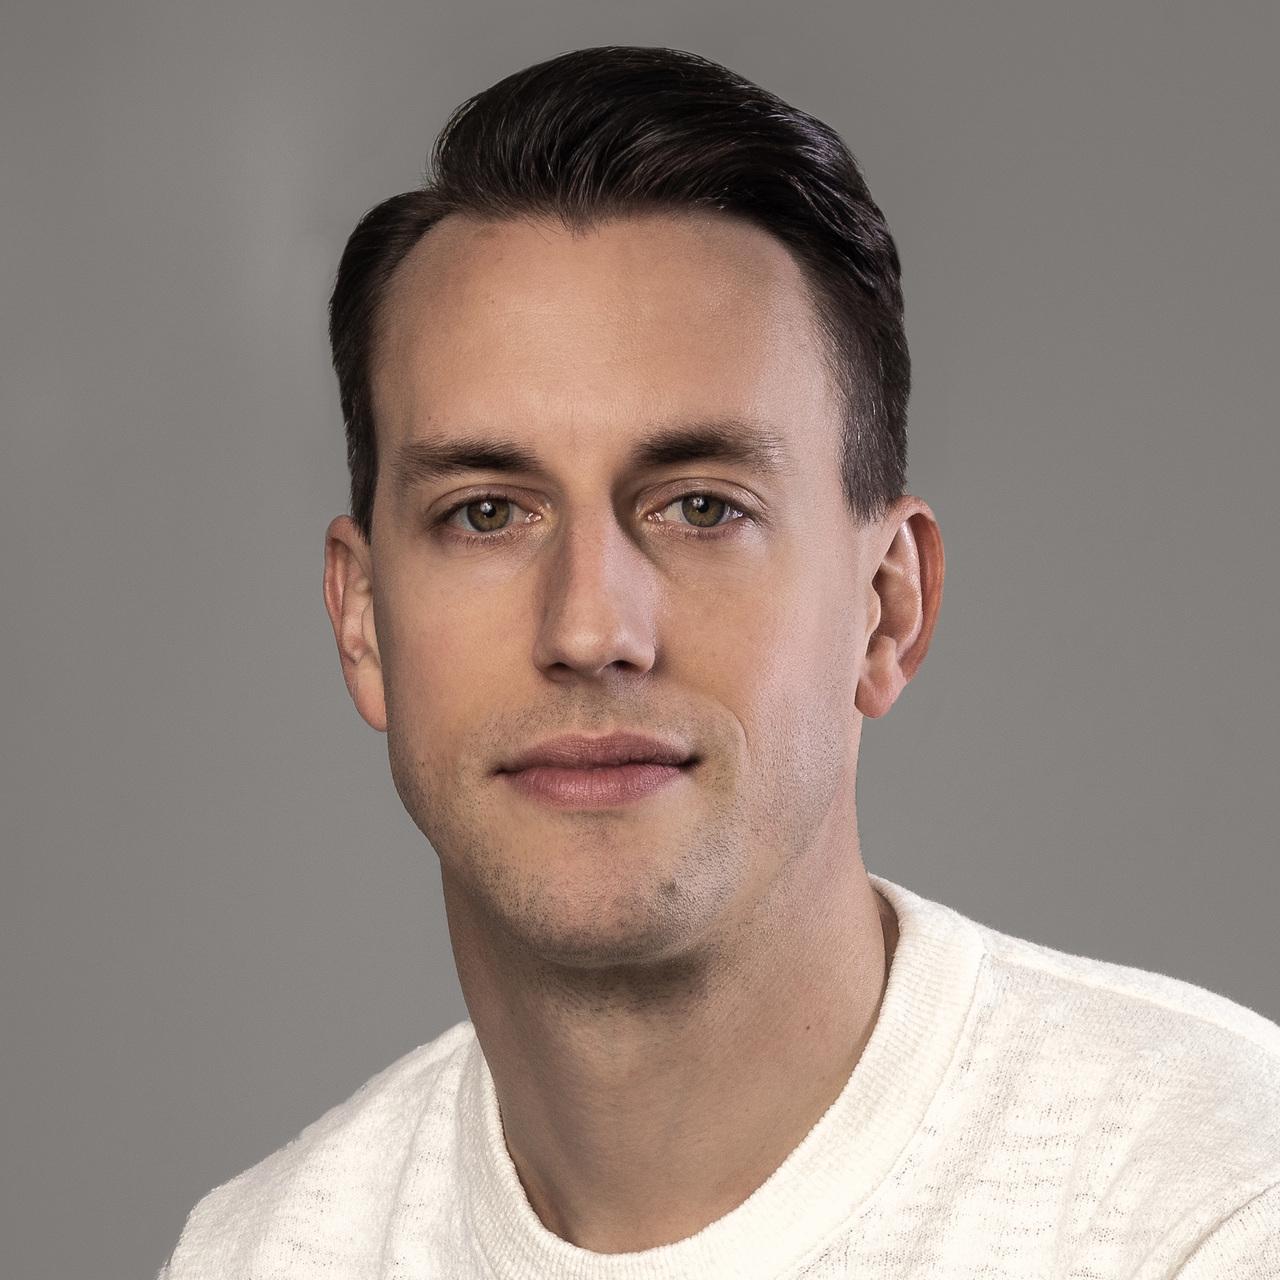 Bradley Schlagheck